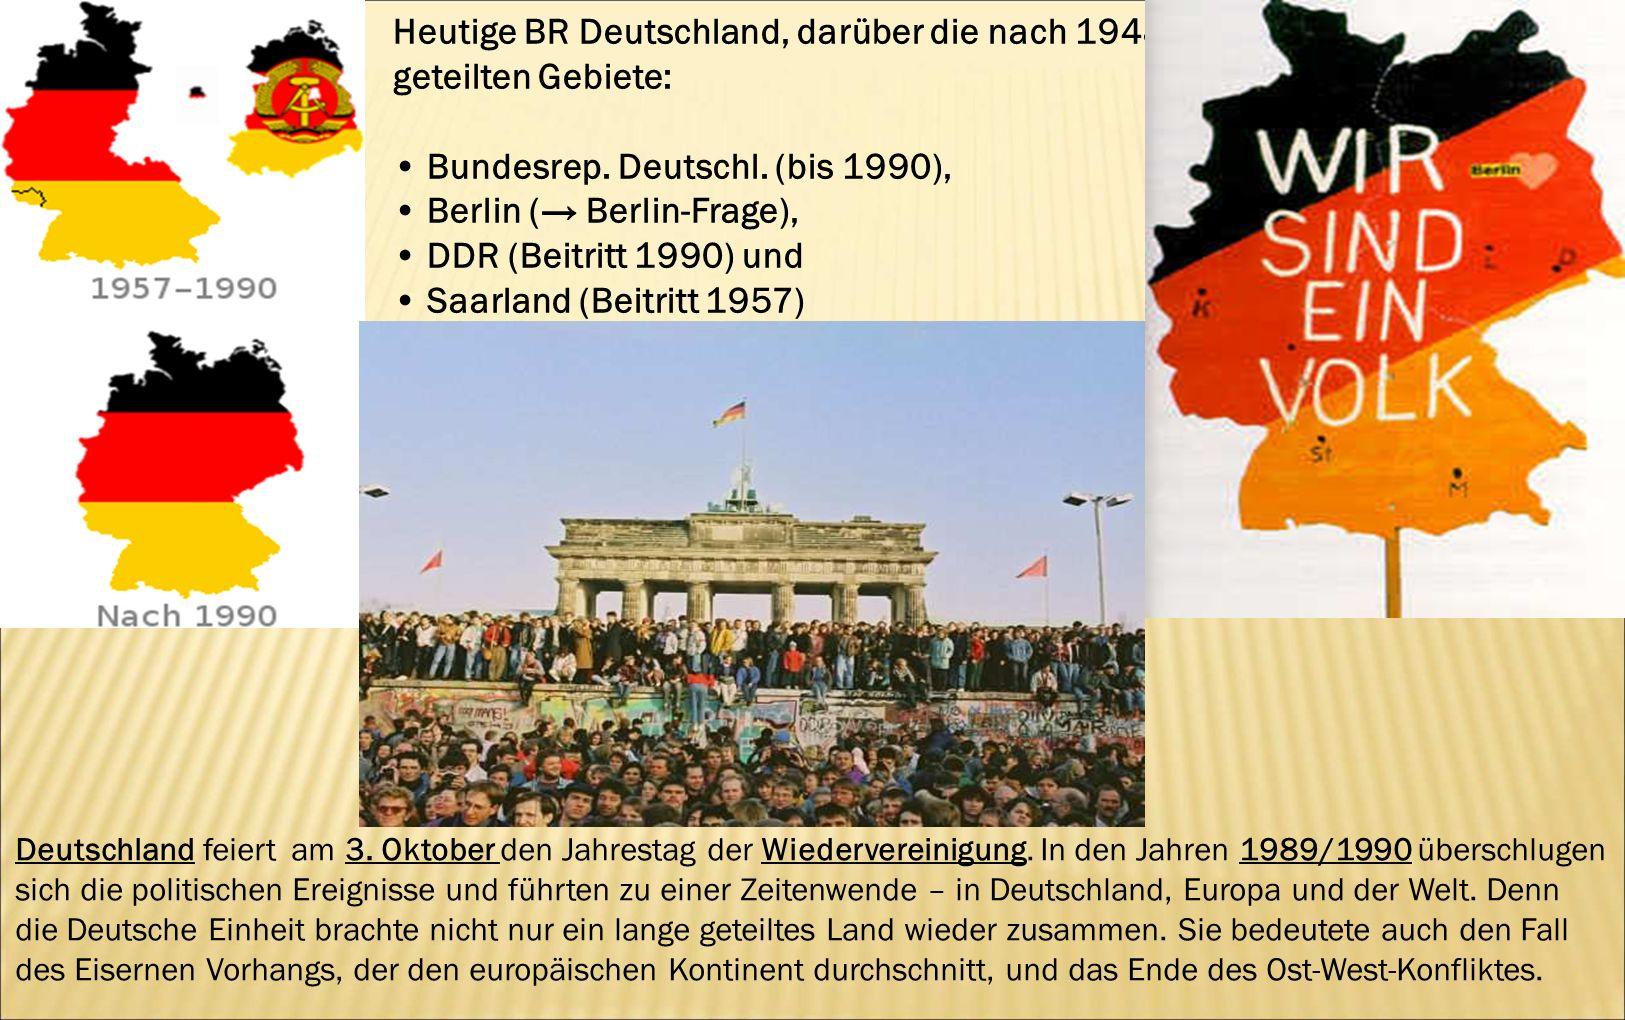 Heutige BR Deutschland, darüber die nach 1948 geteilten Gebiete: